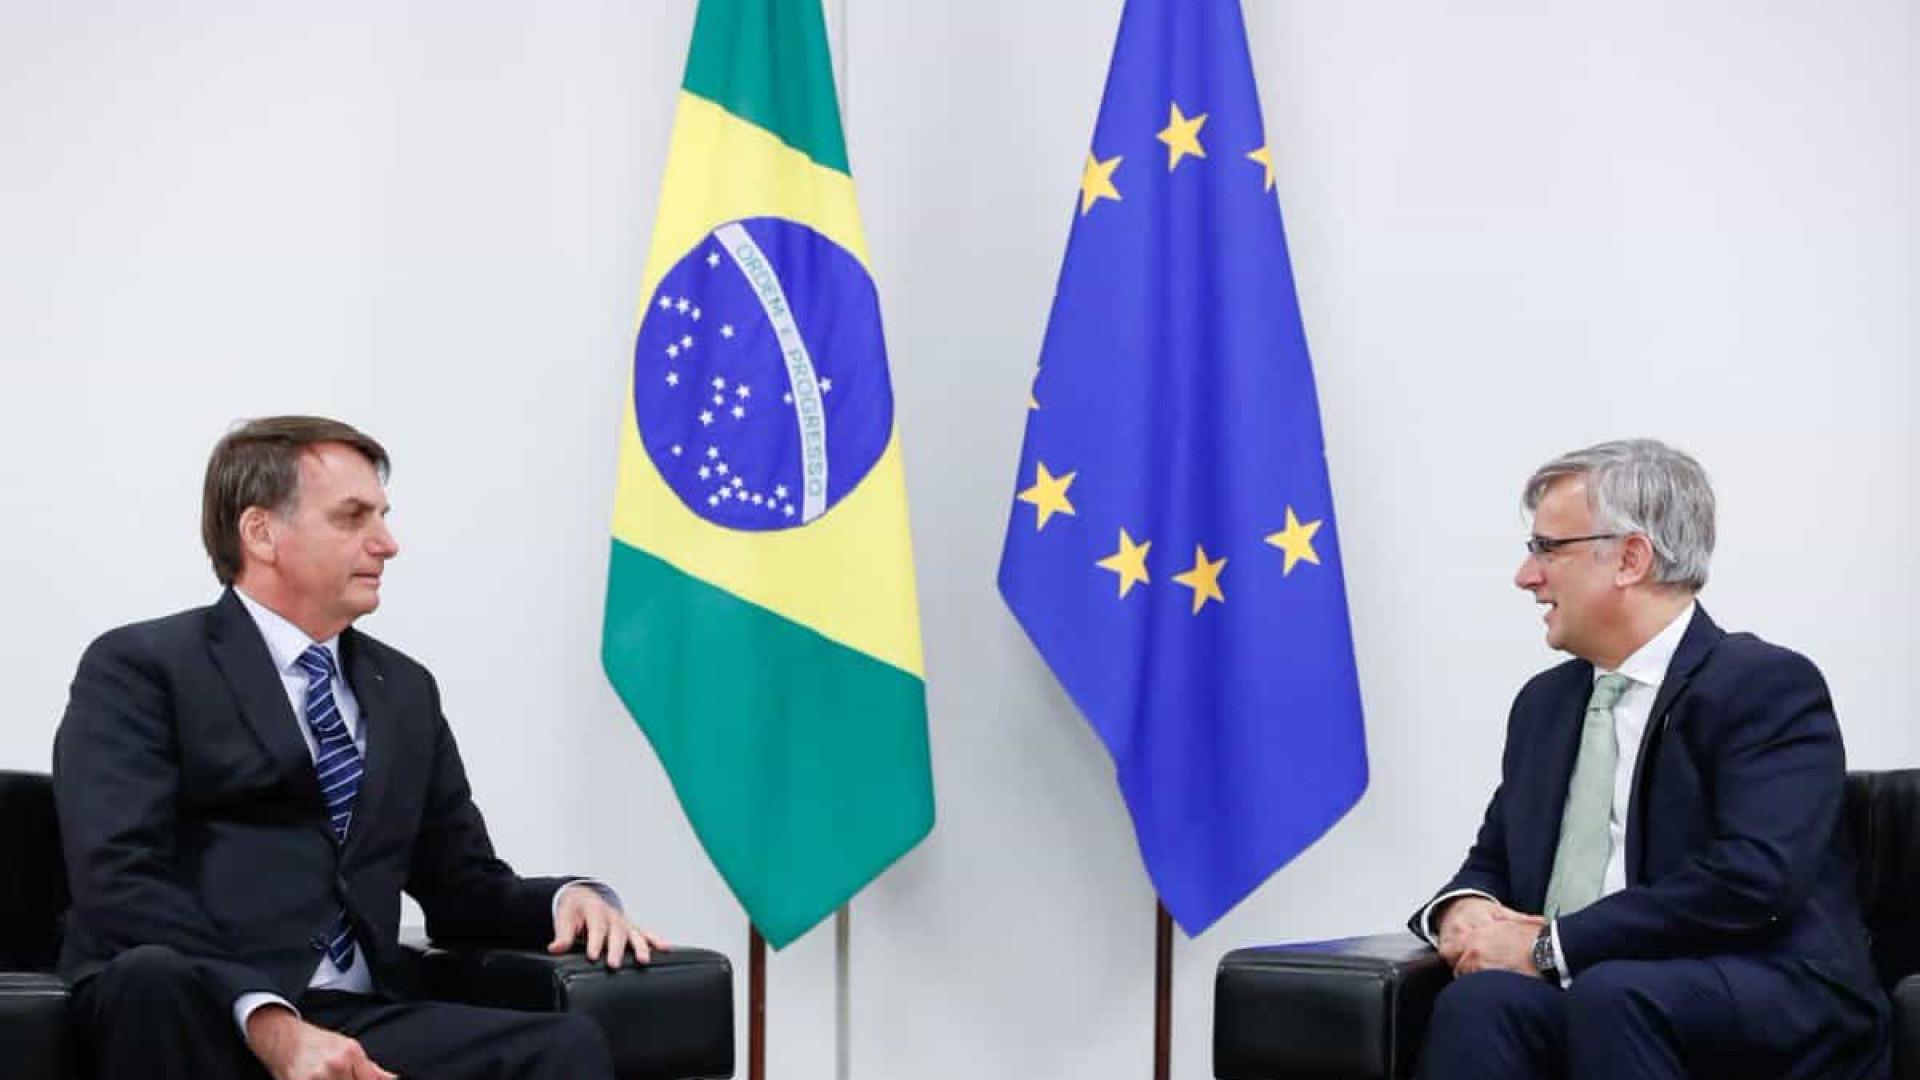 Embaixador fala em aprofundar cooperação entre Mercosul e UE